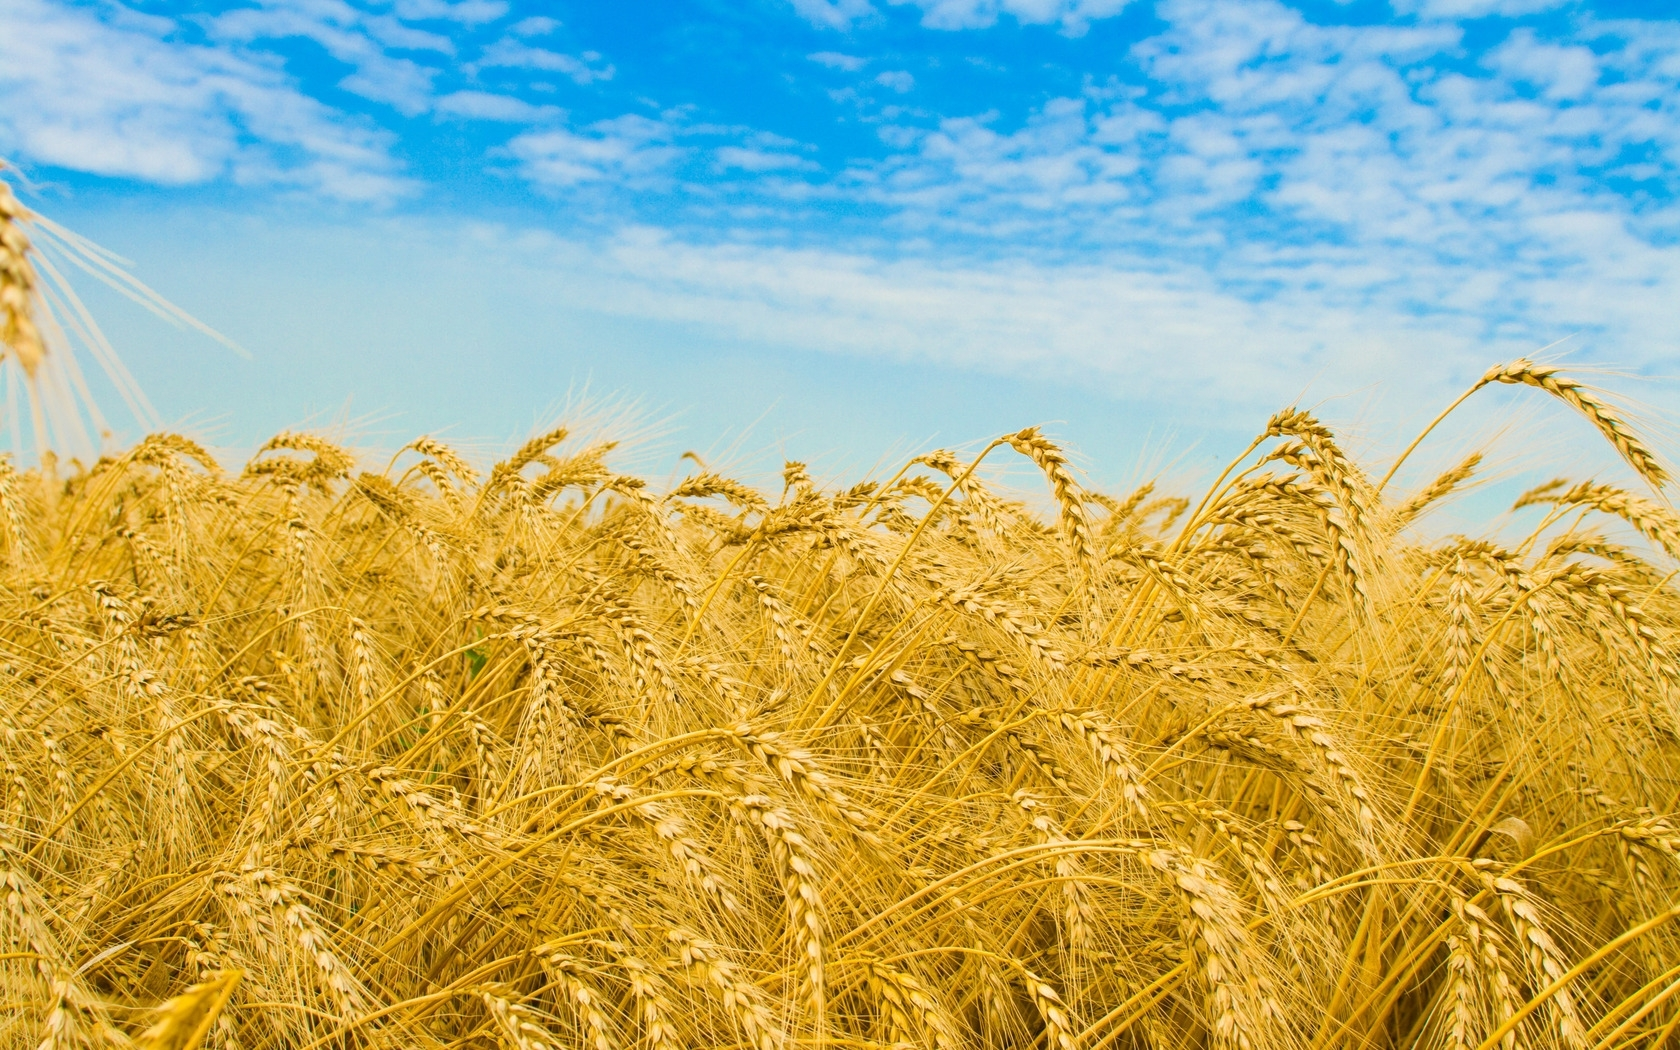 38604 скачать обои Пейзаж, Поля, Пшеница - заставки и картинки бесплатно